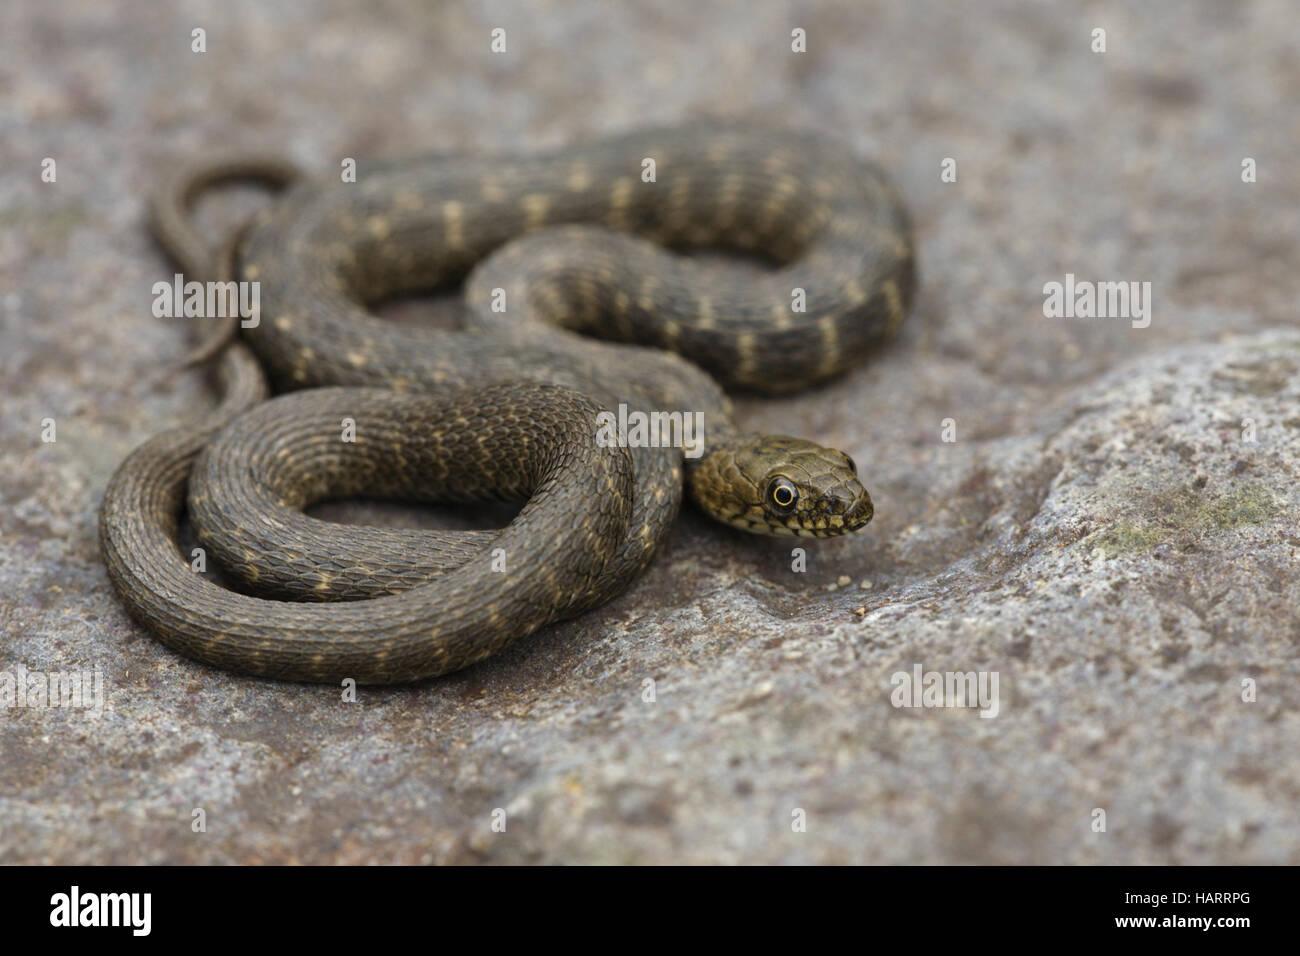 Wuerffelnatter, Natrix tessellata, dice snake - Stock Image